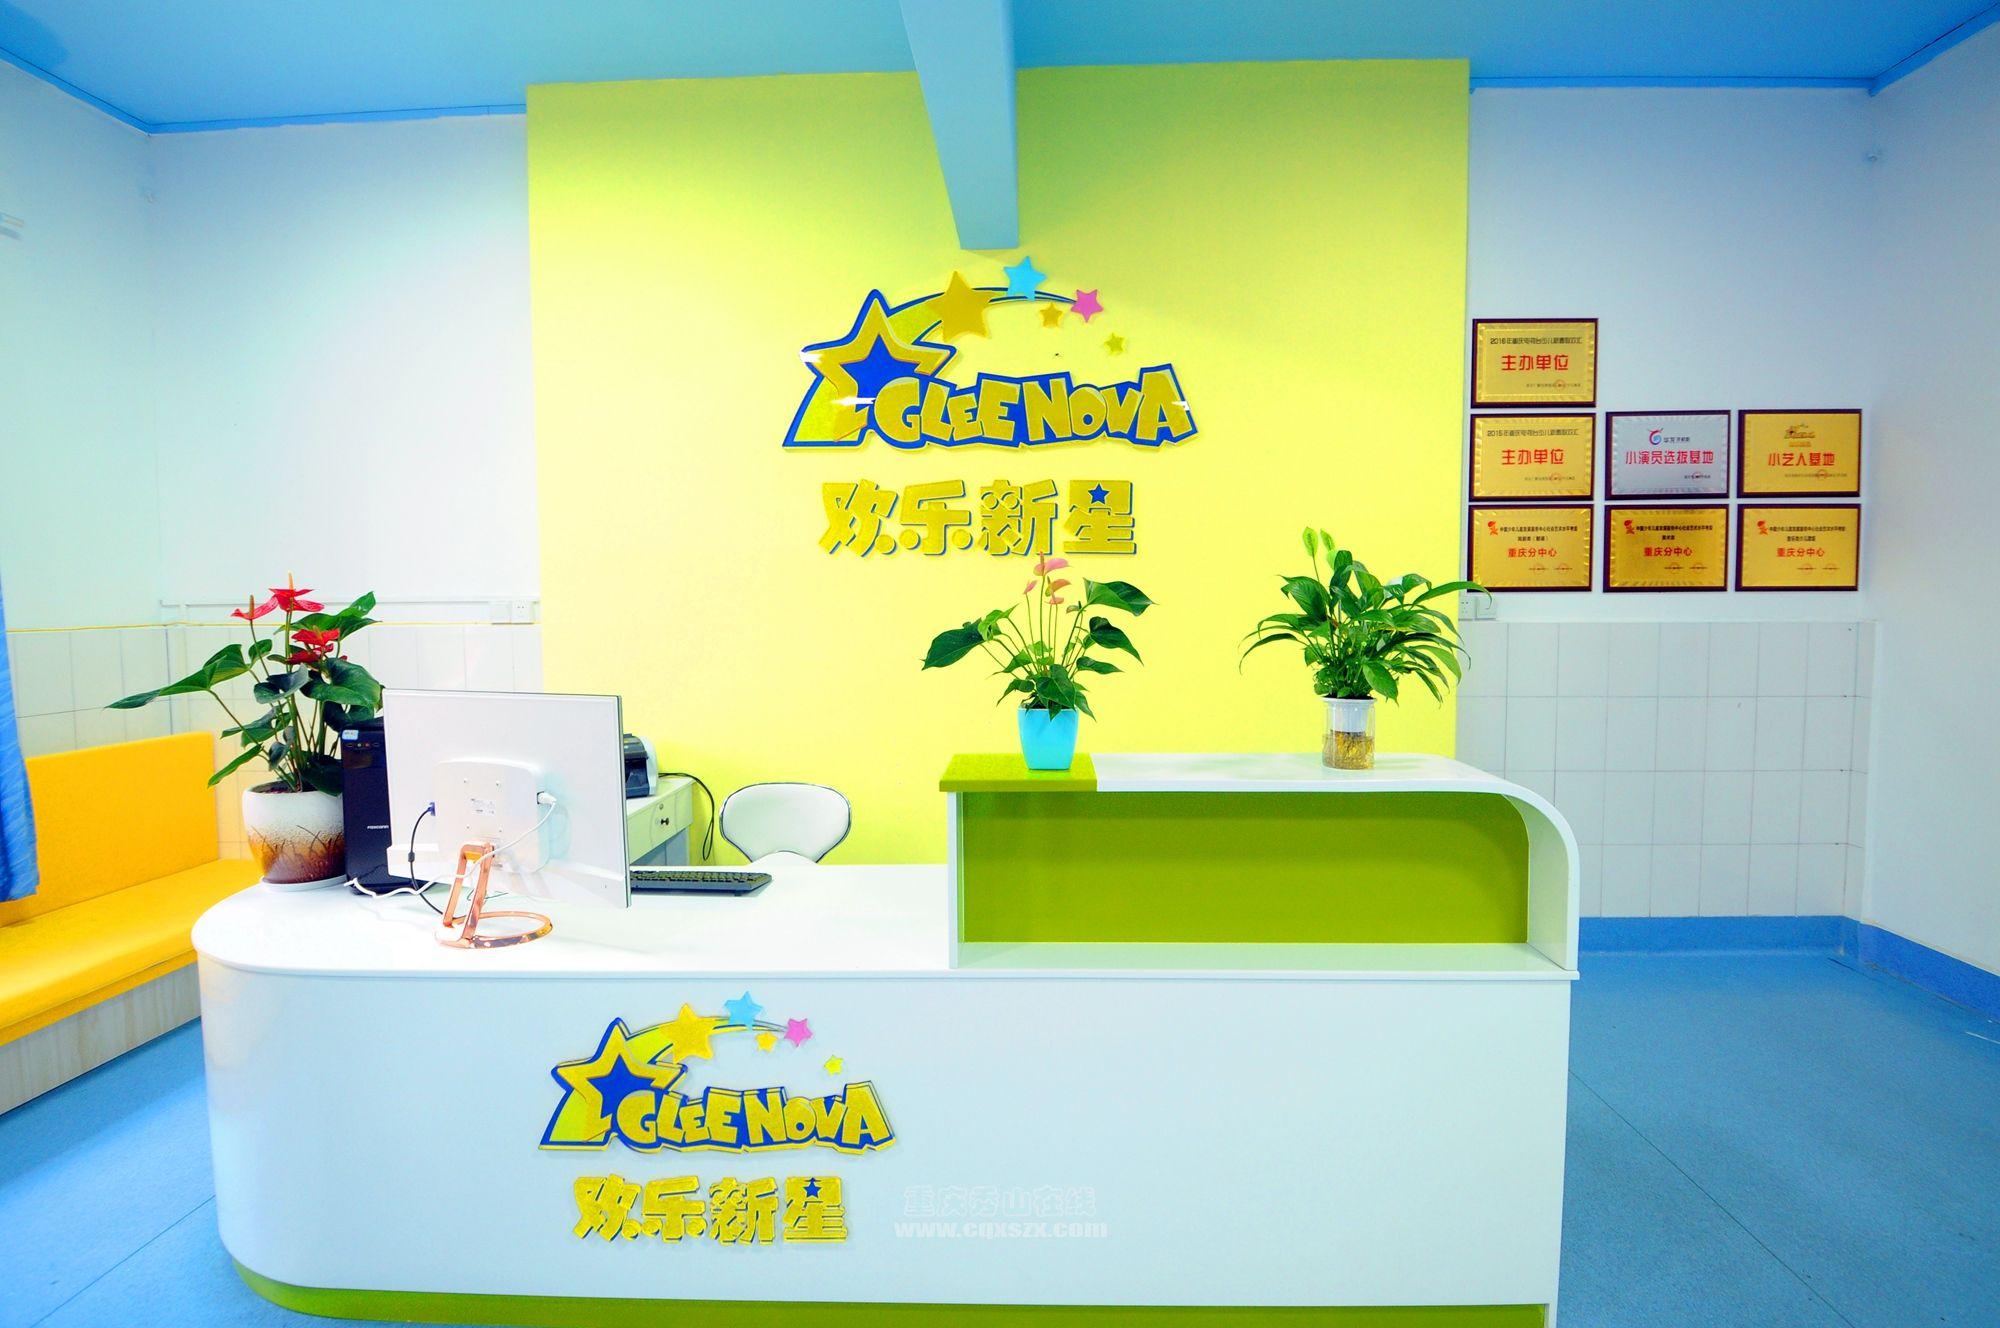 【欢乐新星】好消息来啦!重庆电视台这个栏目组旗下学校正式进入秀山!